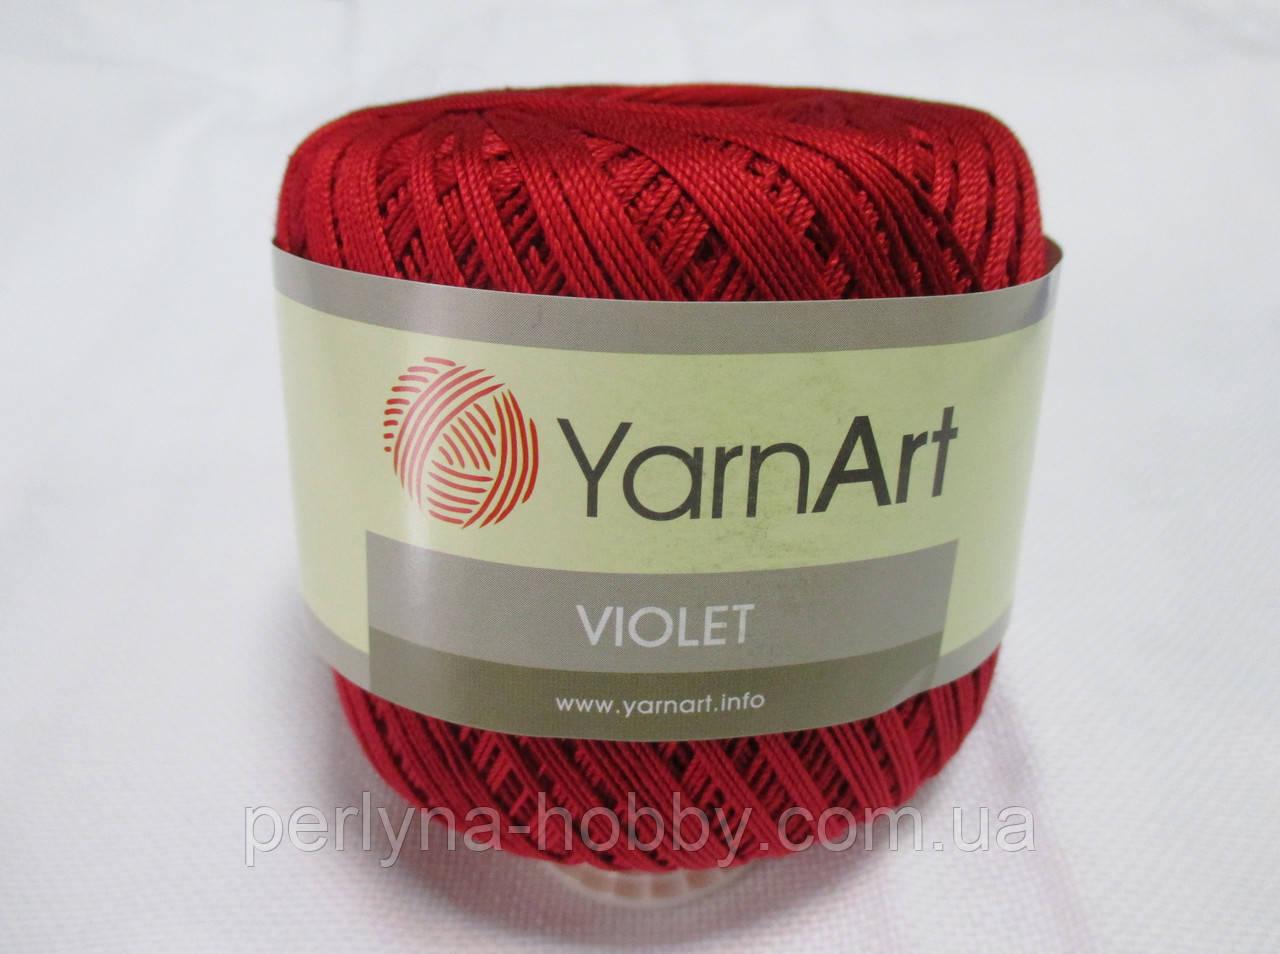 Пряжа  нитка для в'язання Violet YarnArt 100% бавовна червоний темний № 5020